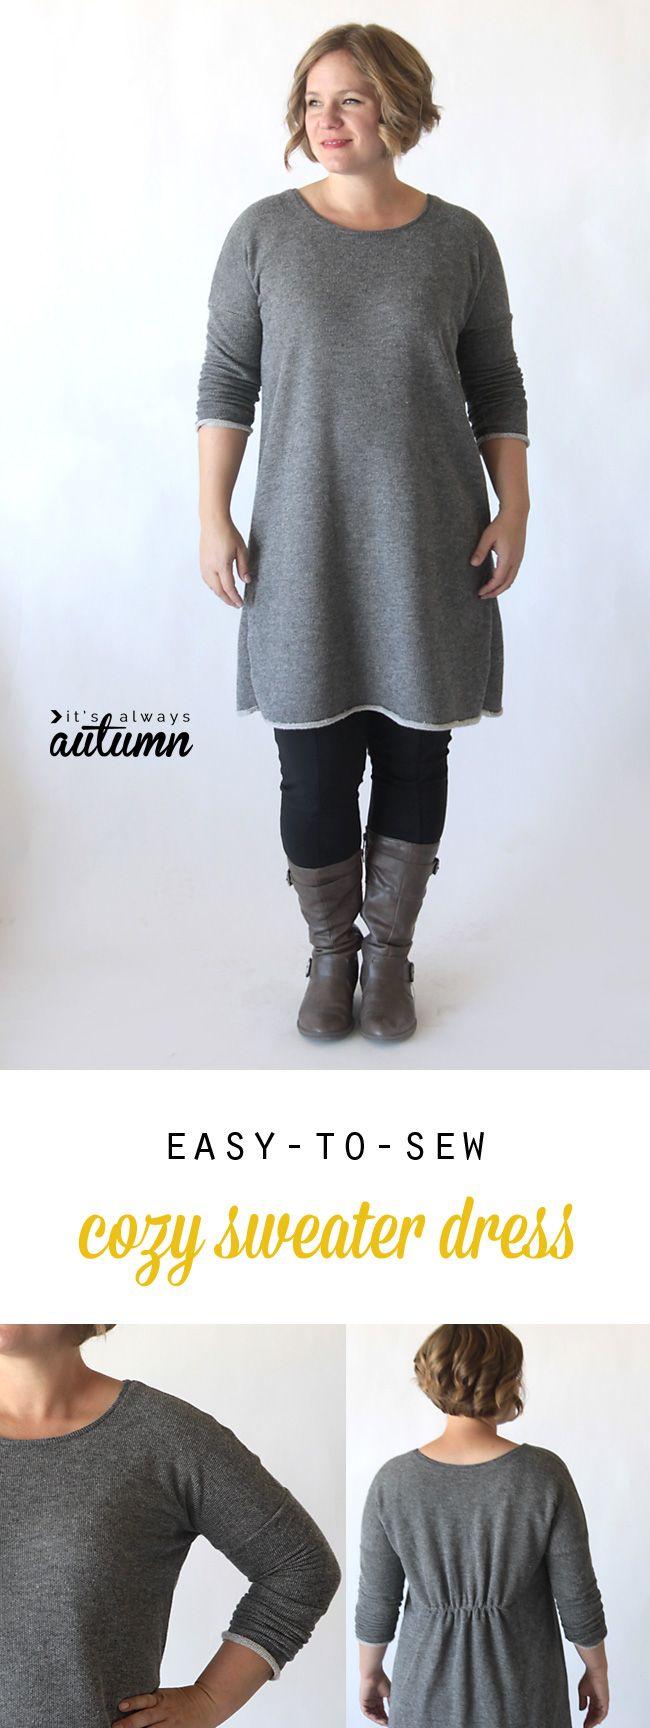 Leer hoe om te naaien deze leuke, makkelijk te DIY trui jurk of tuniek te maken met een gratis printbare patroon en naaien tutorial.